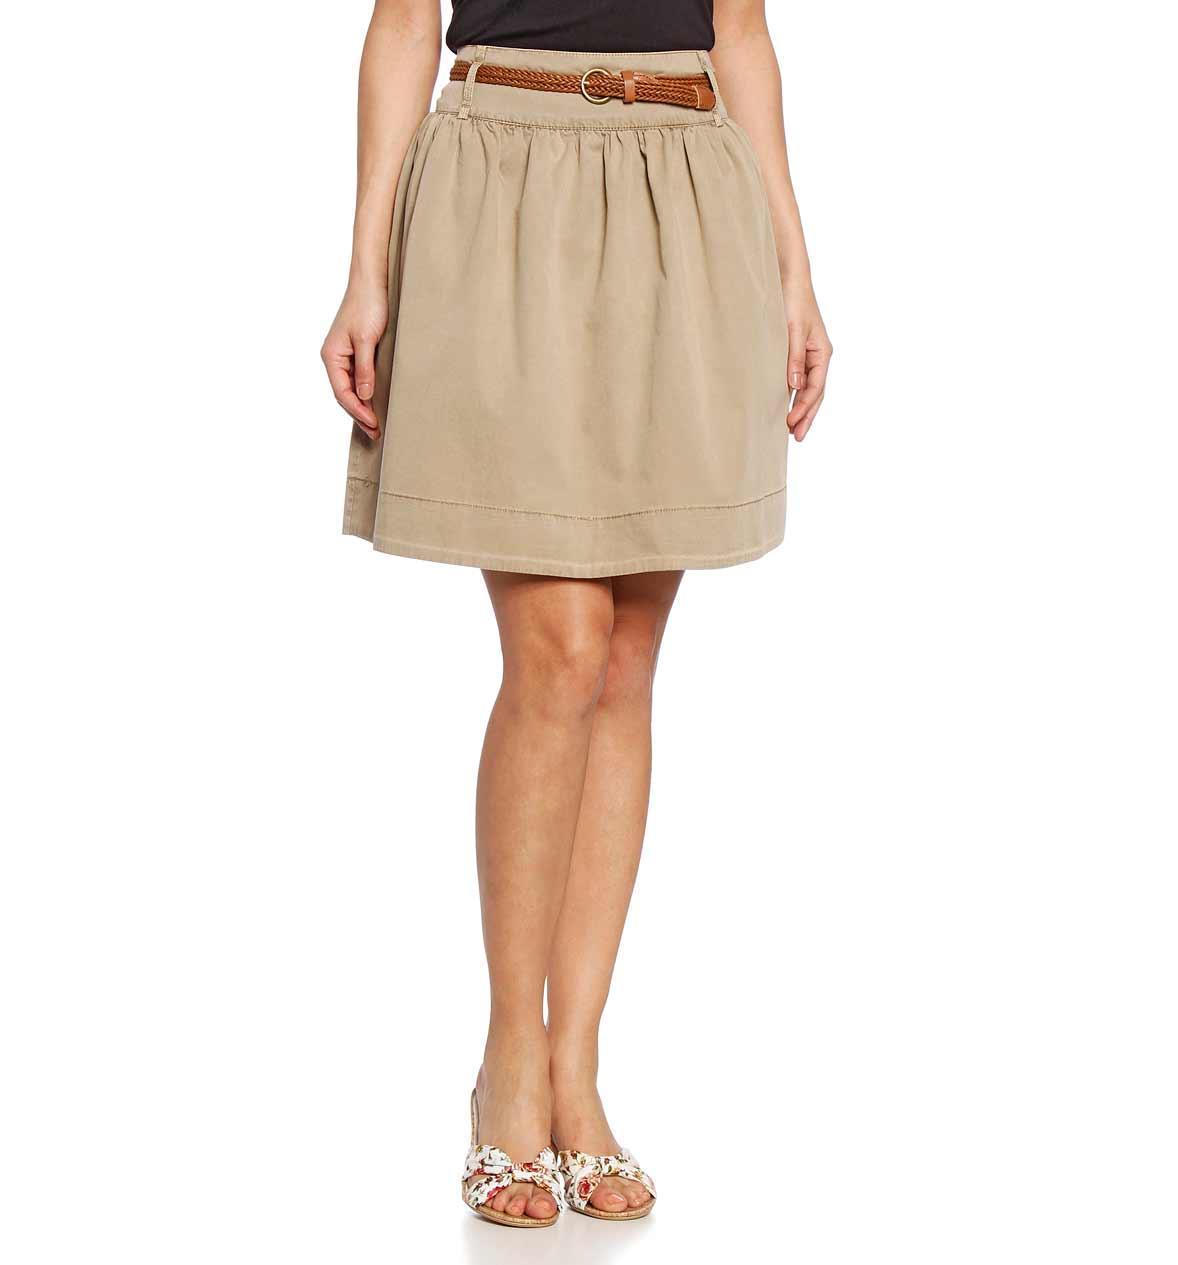 beżowa spódnica C&A midi - moda na wiosnę i lato 2013